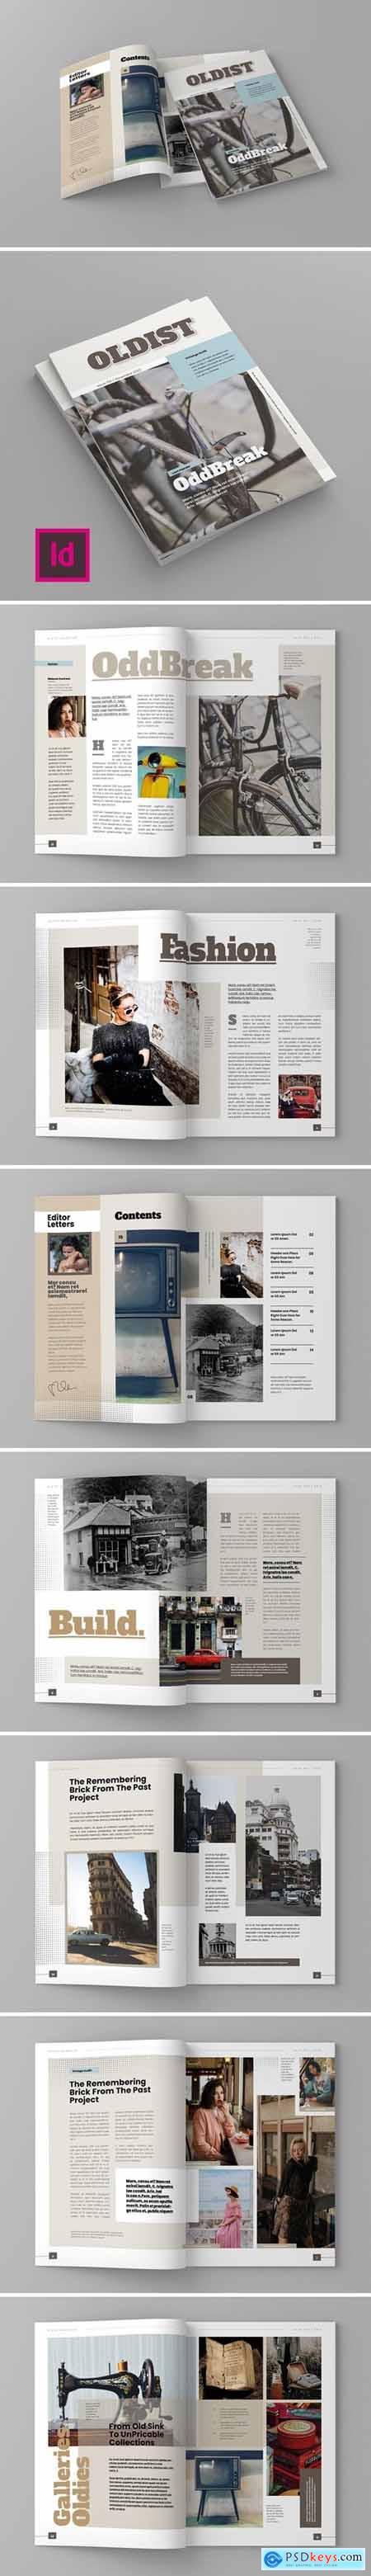 Oldist - Magazine Template